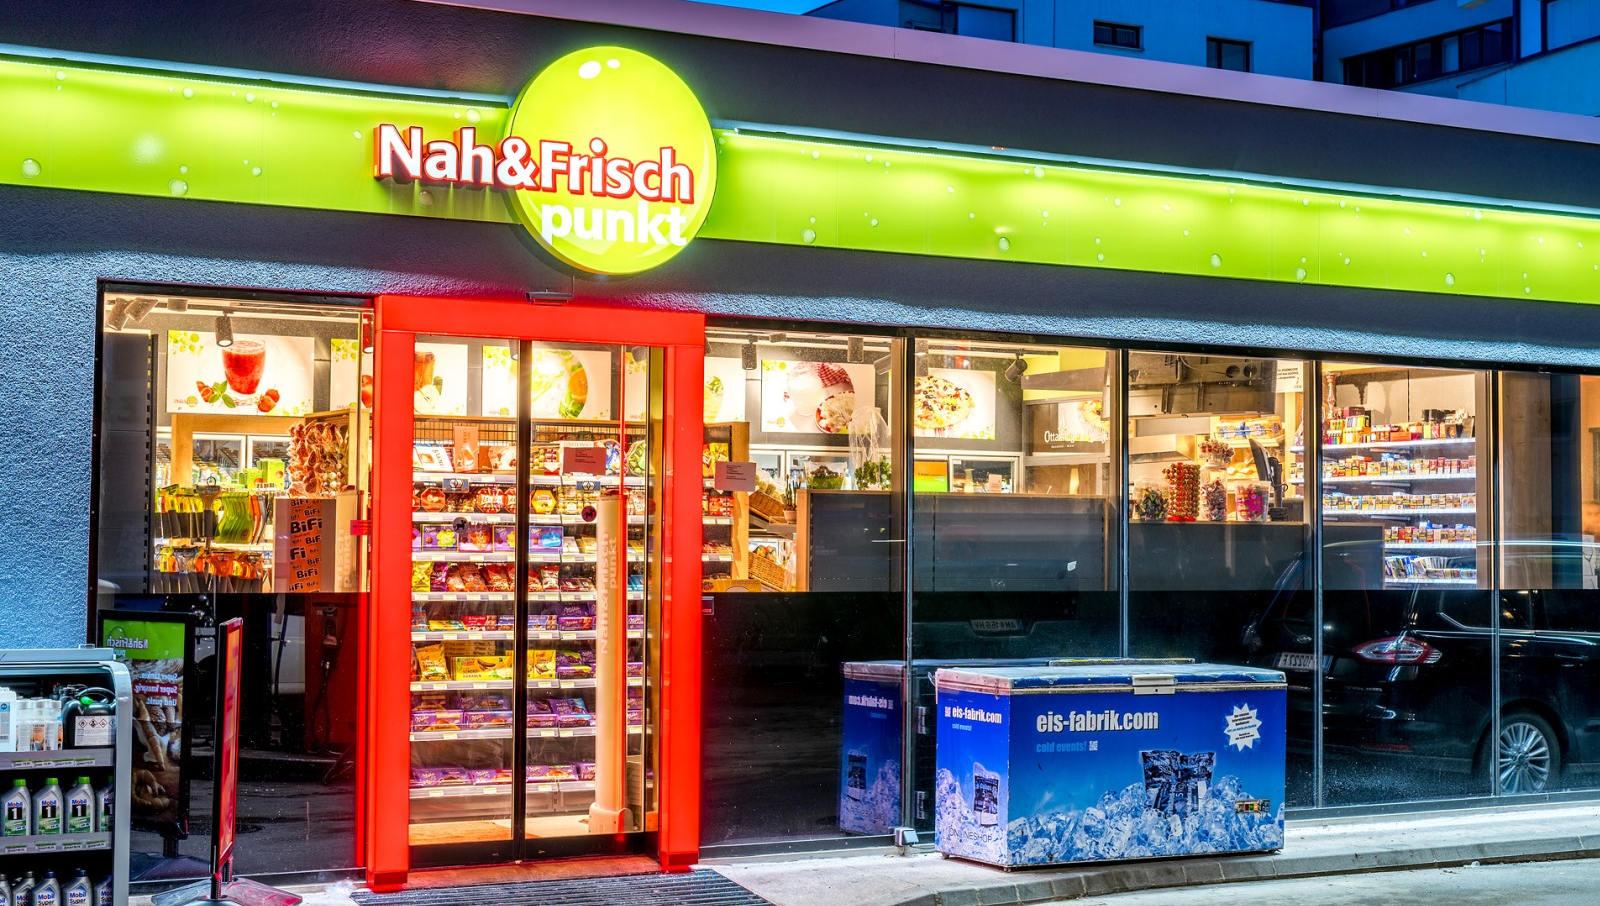 Nah&Frisch punkt in Wien 21, Baldiagasse. © Reinhard Podolsky/mediadesign.at